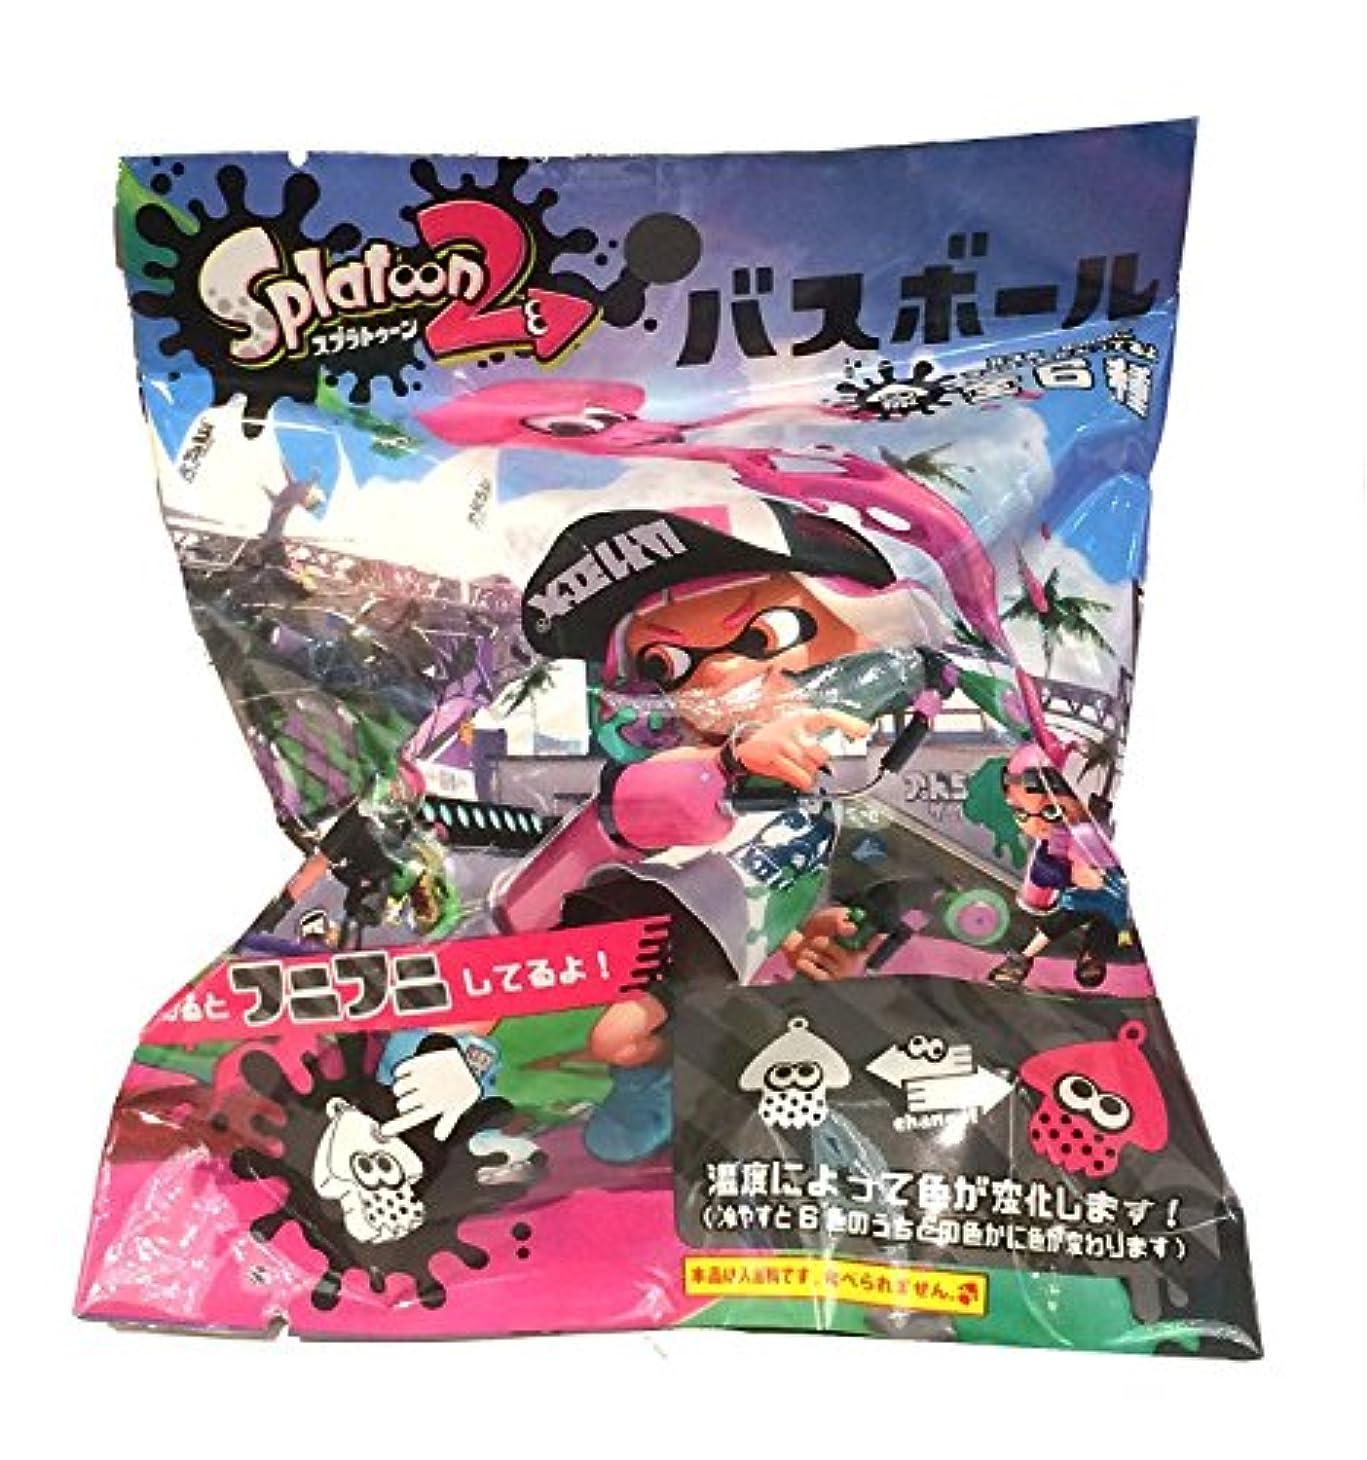 サスティーン負蜜Splatoon2 バスボール SPT-461 BOX